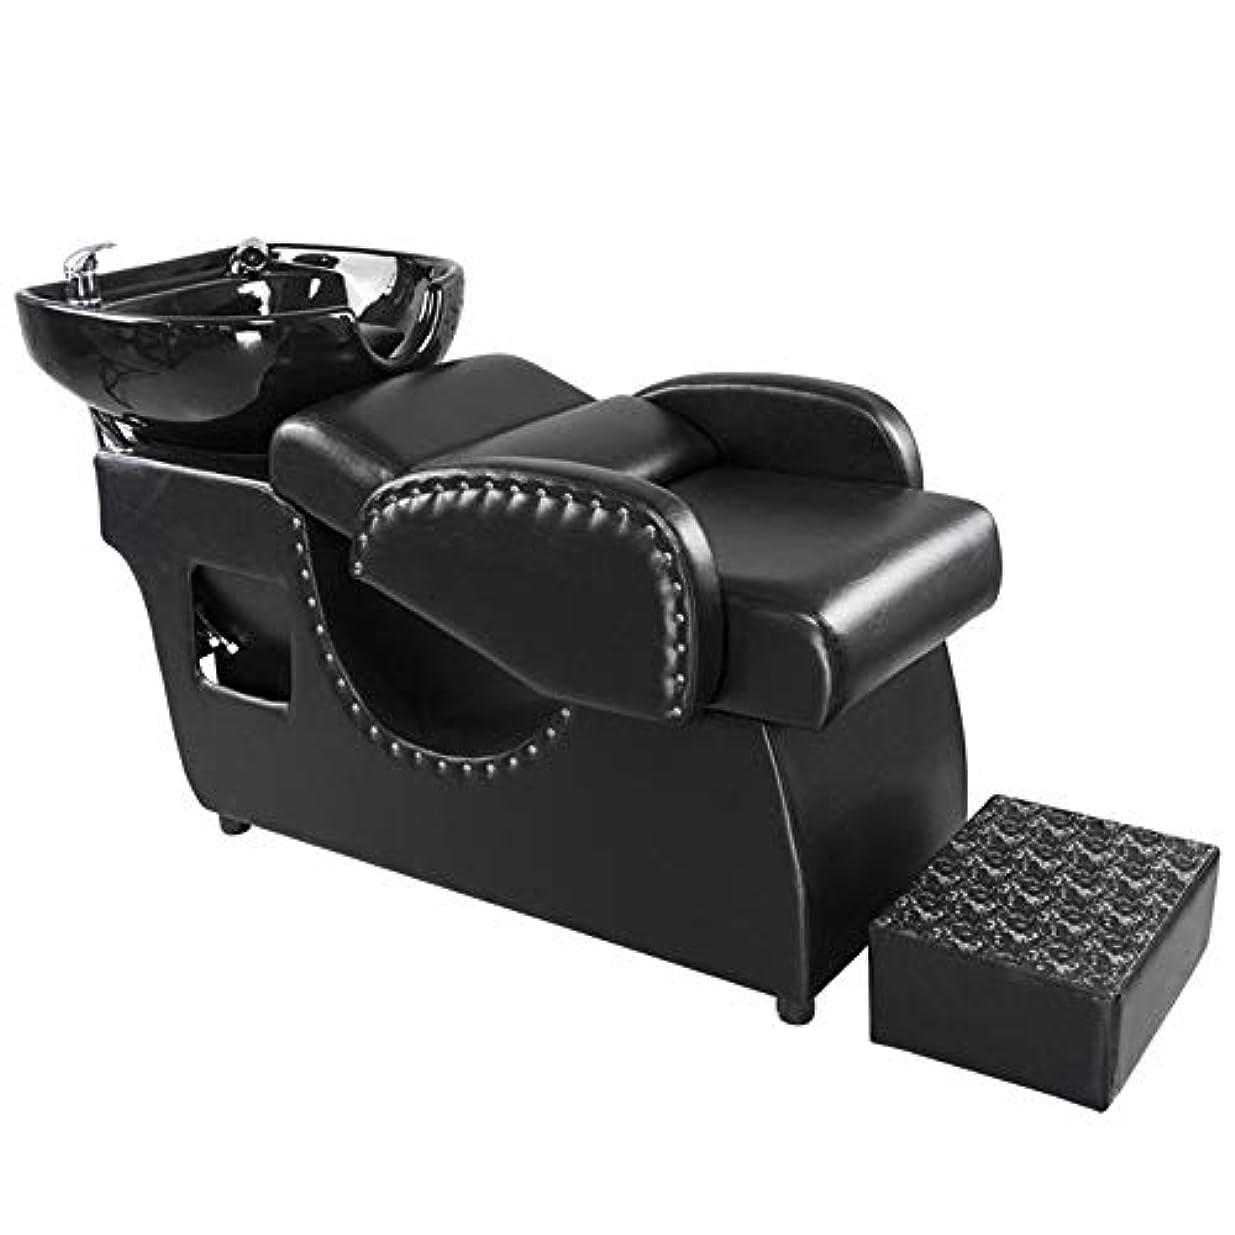 絶滅震え絡まるシャンプーの理髪師の逆洗の椅子、鉱泉の美容院のためのベッドを洗う陶磁器の洗面器の流しの流しの椅子